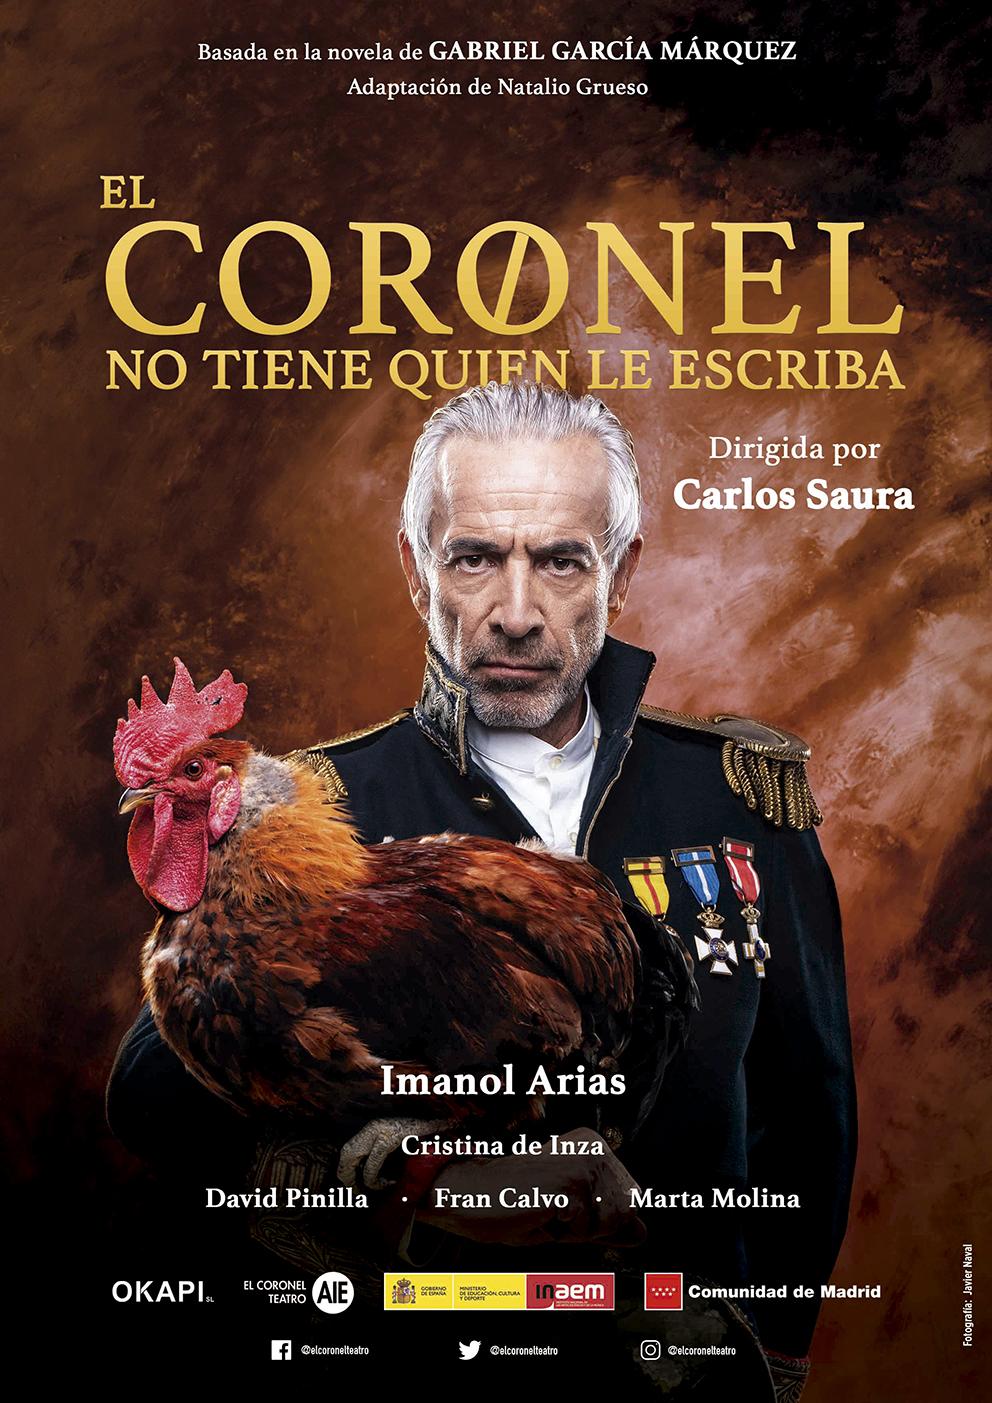 el-coronel-imanol-arias-valadolid.jpg